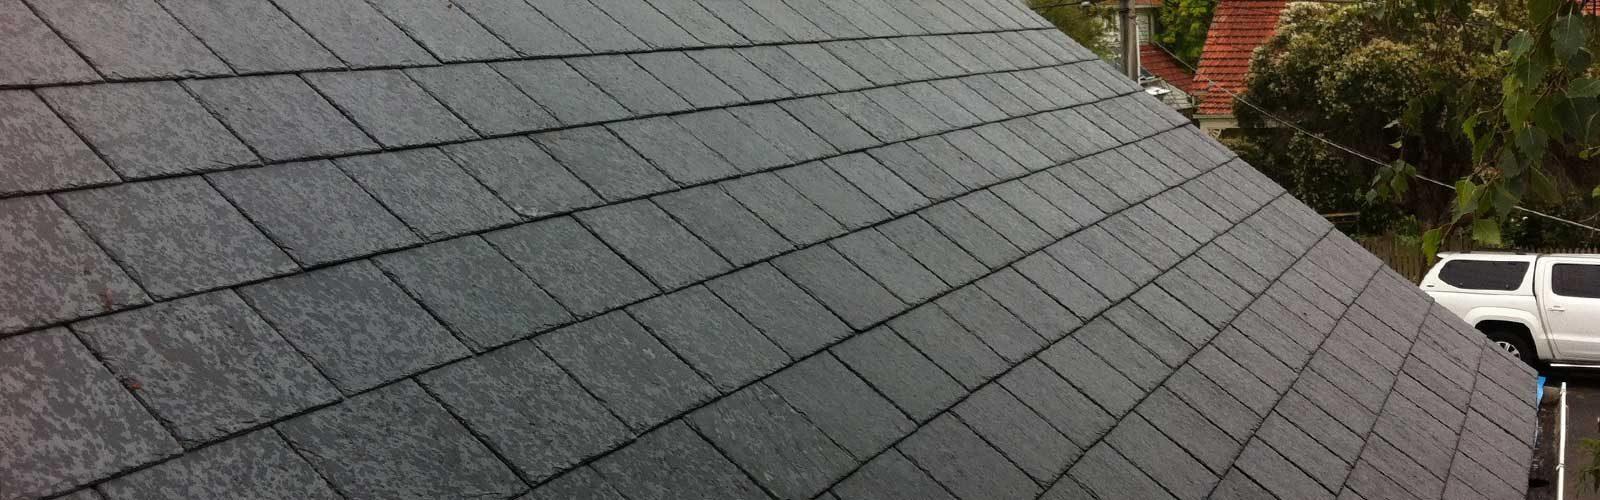 Del Carmen Ultra slate tiles on new slate roof